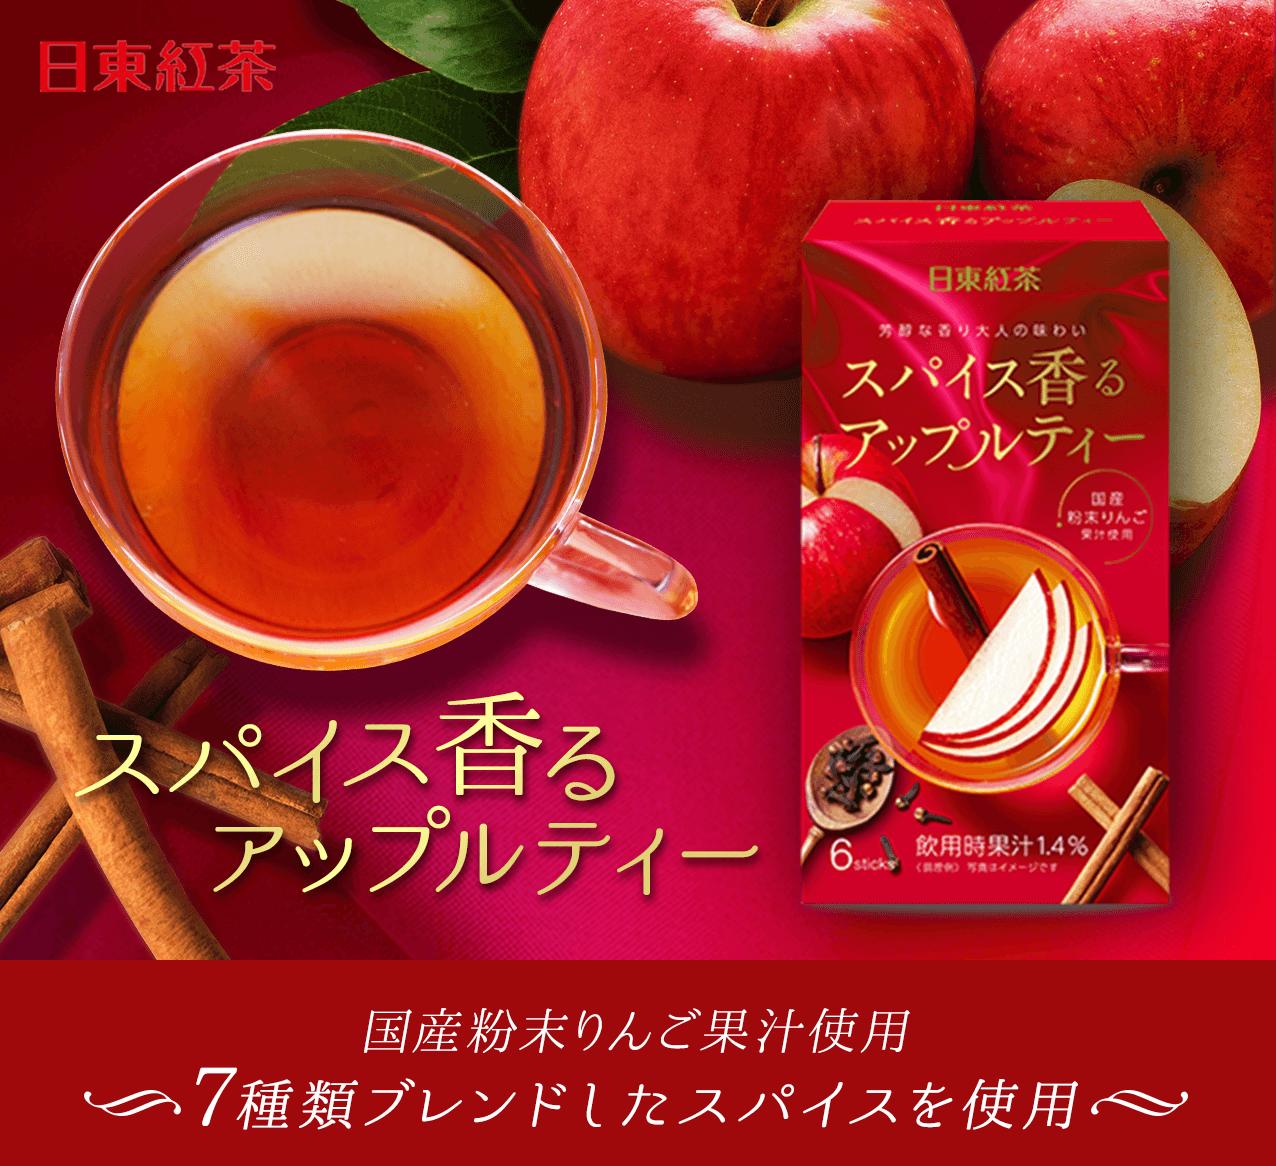 スパイス香る アップルティー 国産粉末りんご果汁使用 7種類ブレンドしたスパイスを使用